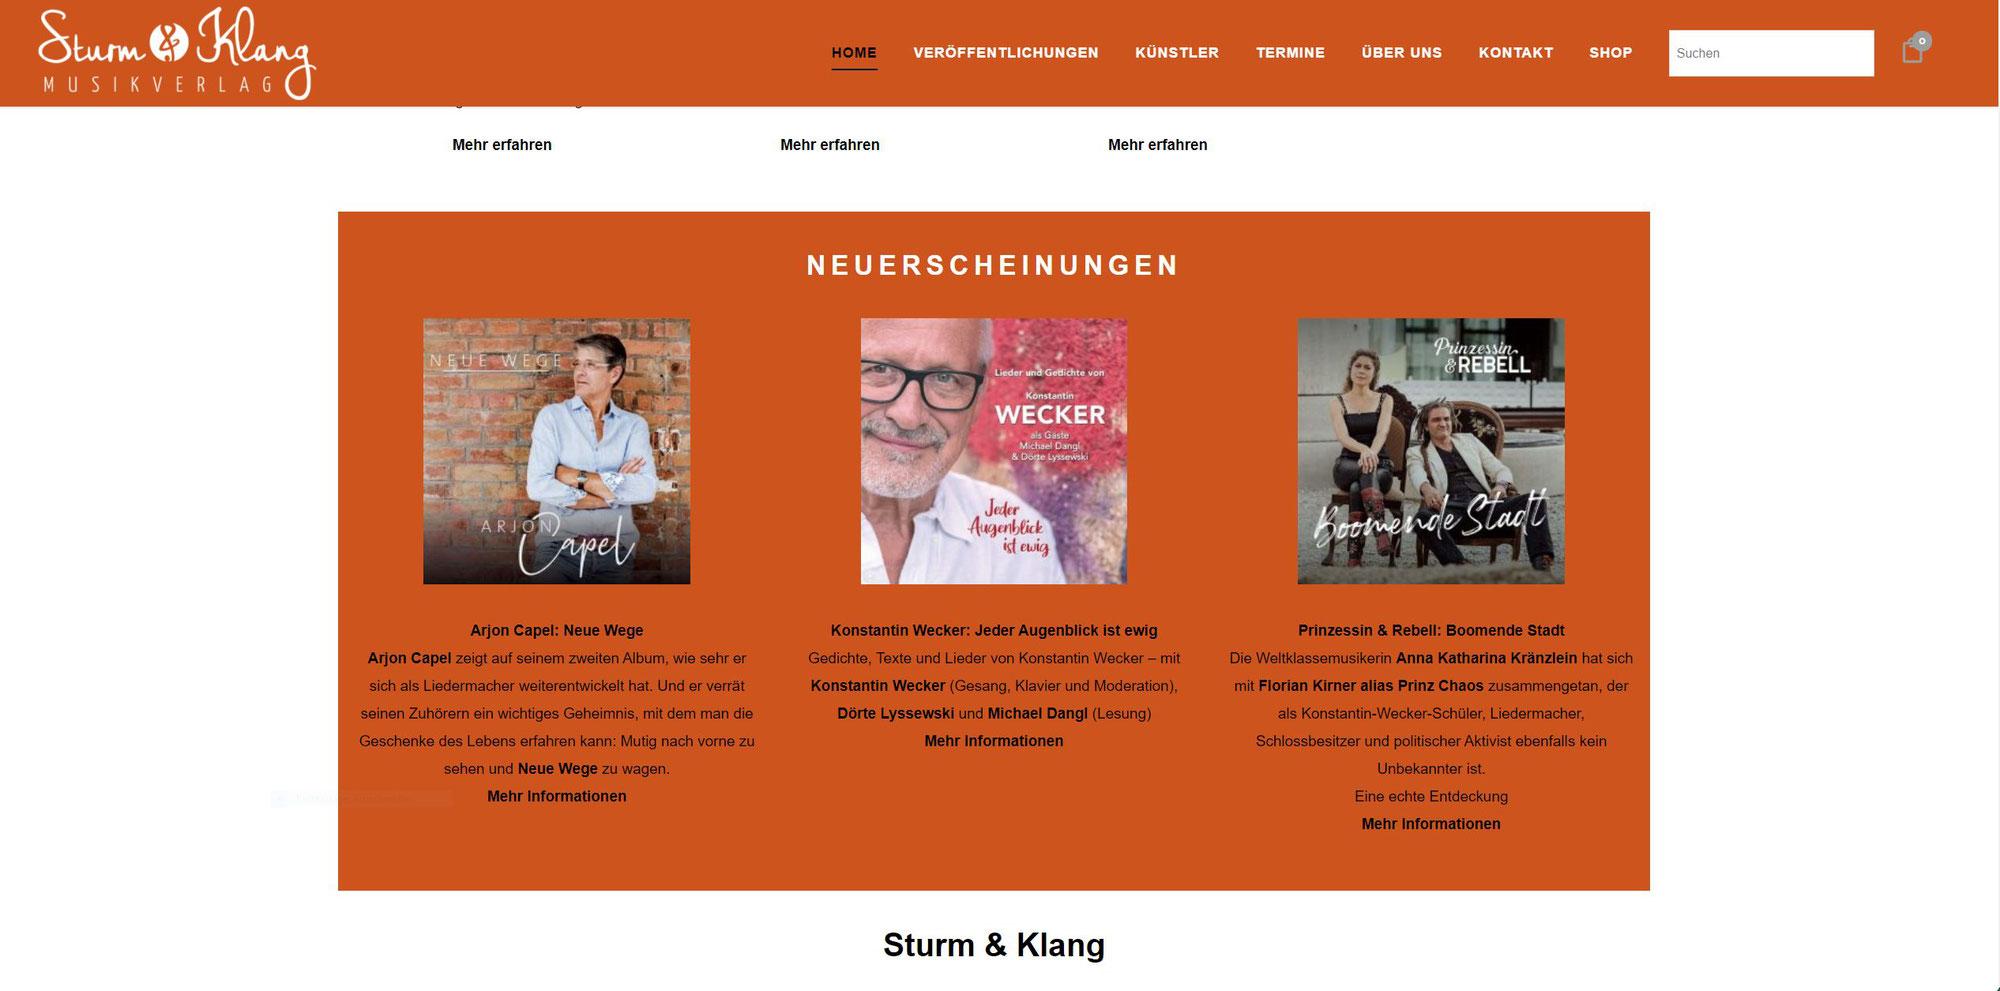 Sturm & Klang Neu Erscheinung